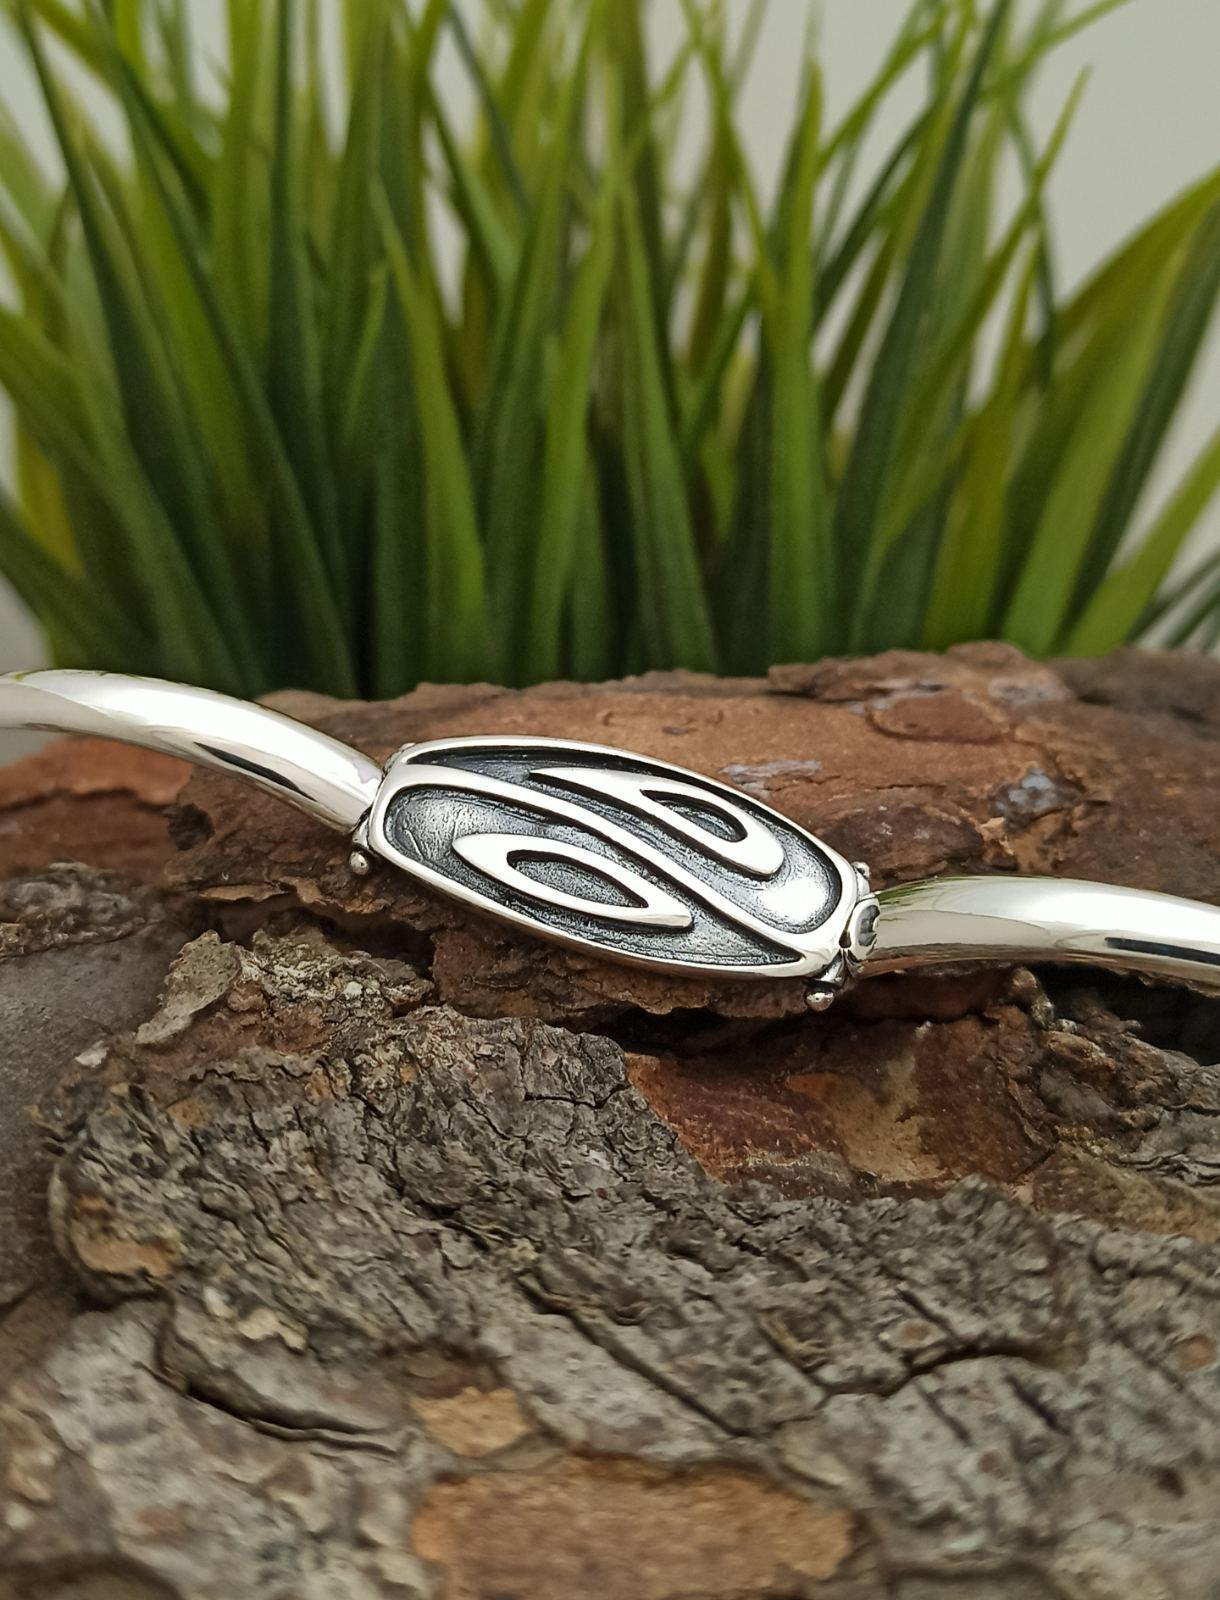 Дамска сребърна гривна ИН-ЯН 299B Студио Николас ще се почувствате участници в кръговрата на живота с внимание към всеки детайл сребро 925